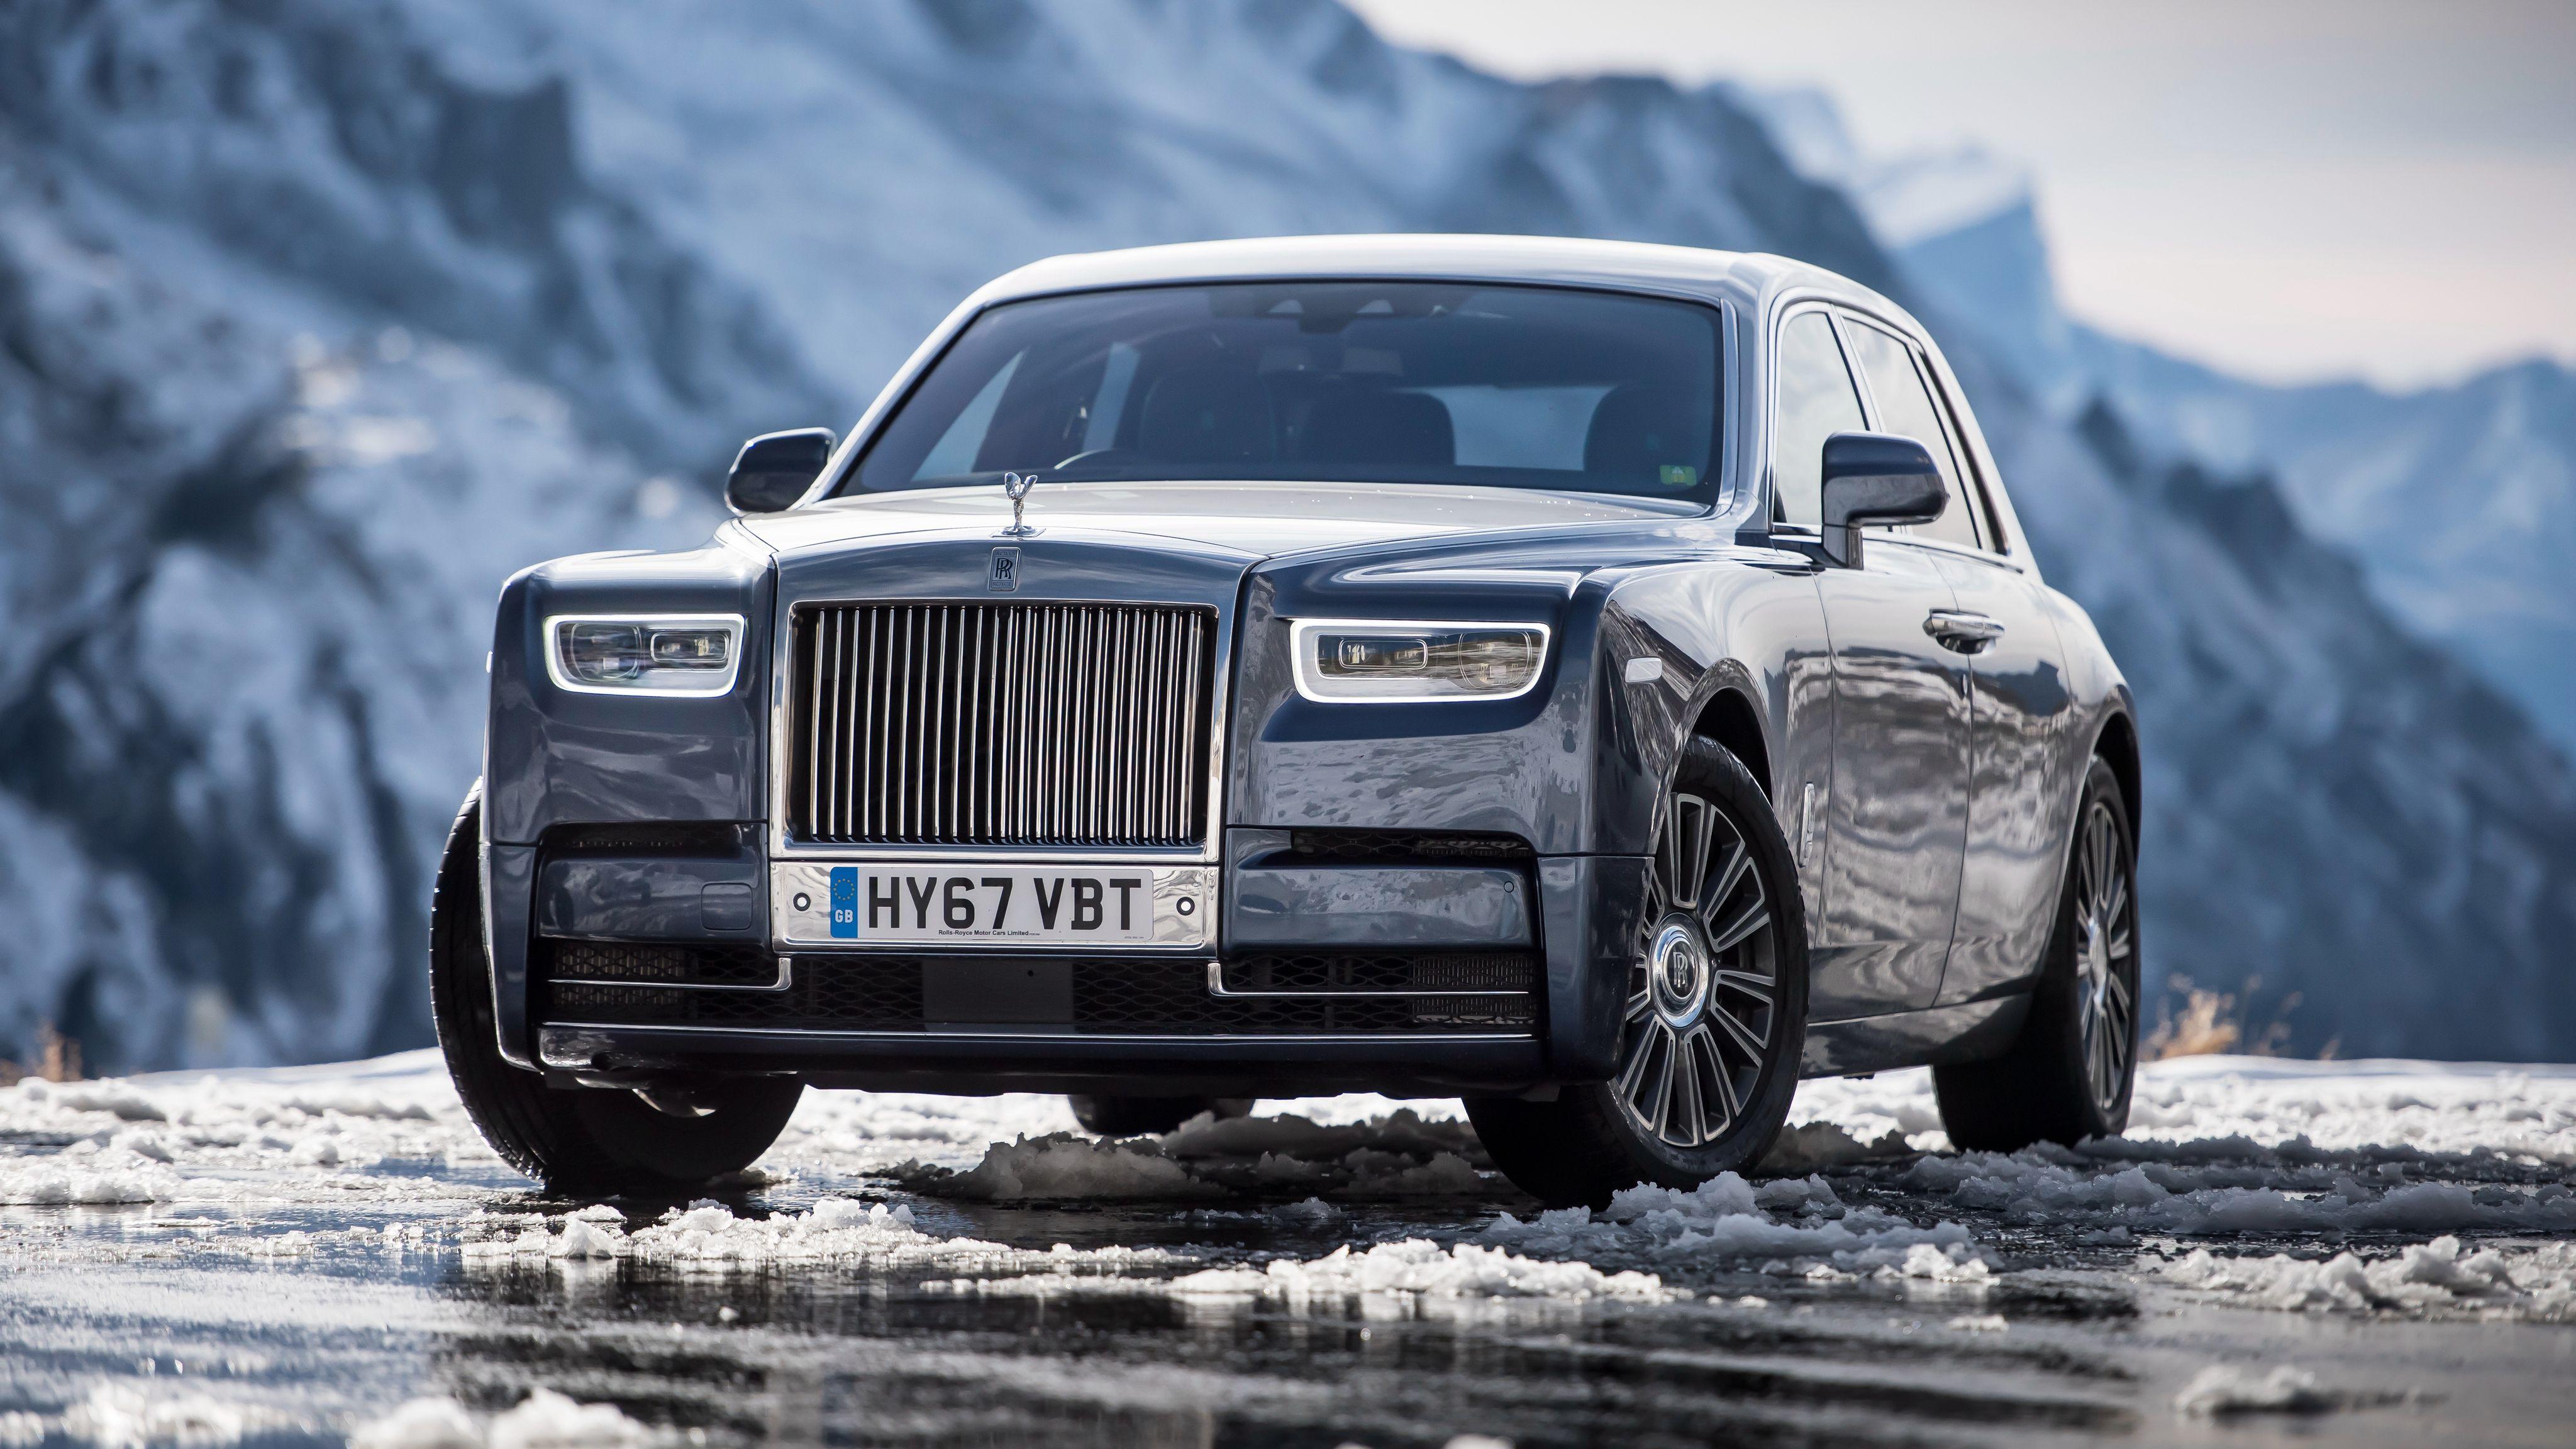 Rolls-Royce 4K Wallpapers - Top Free Rolls-Royce 4K ...